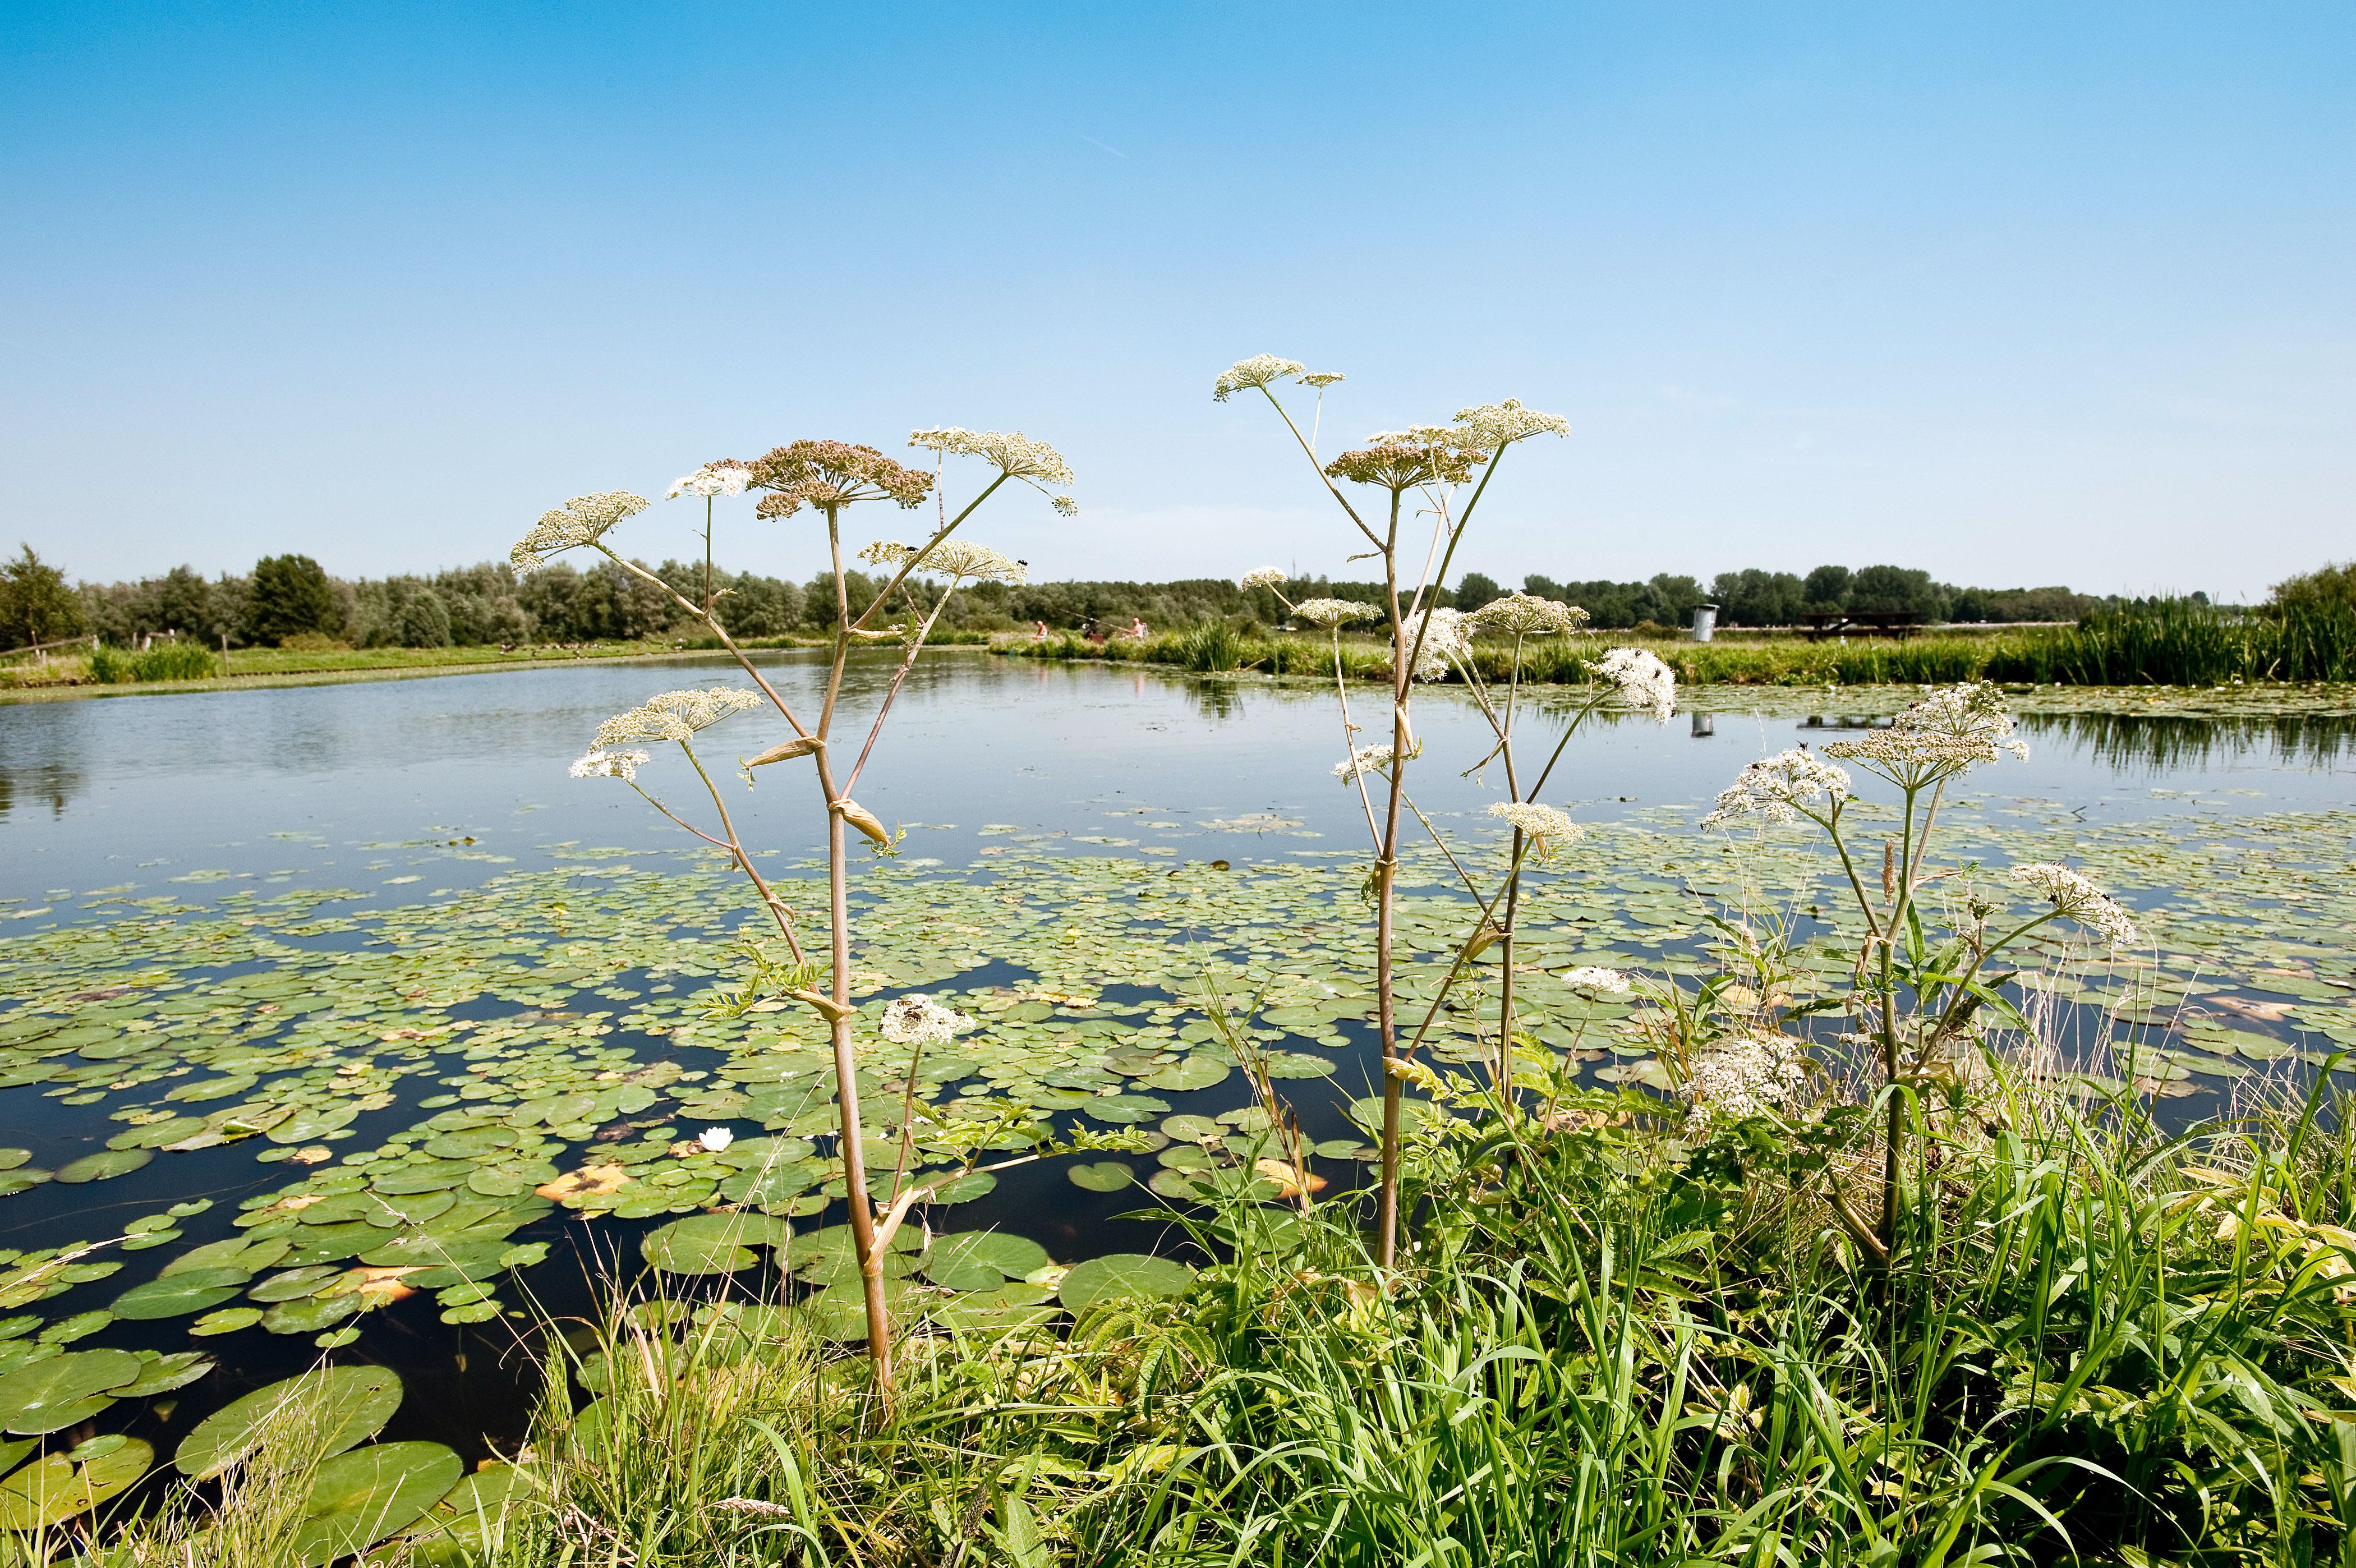 Natuurlijke oever met planten en waterlelies